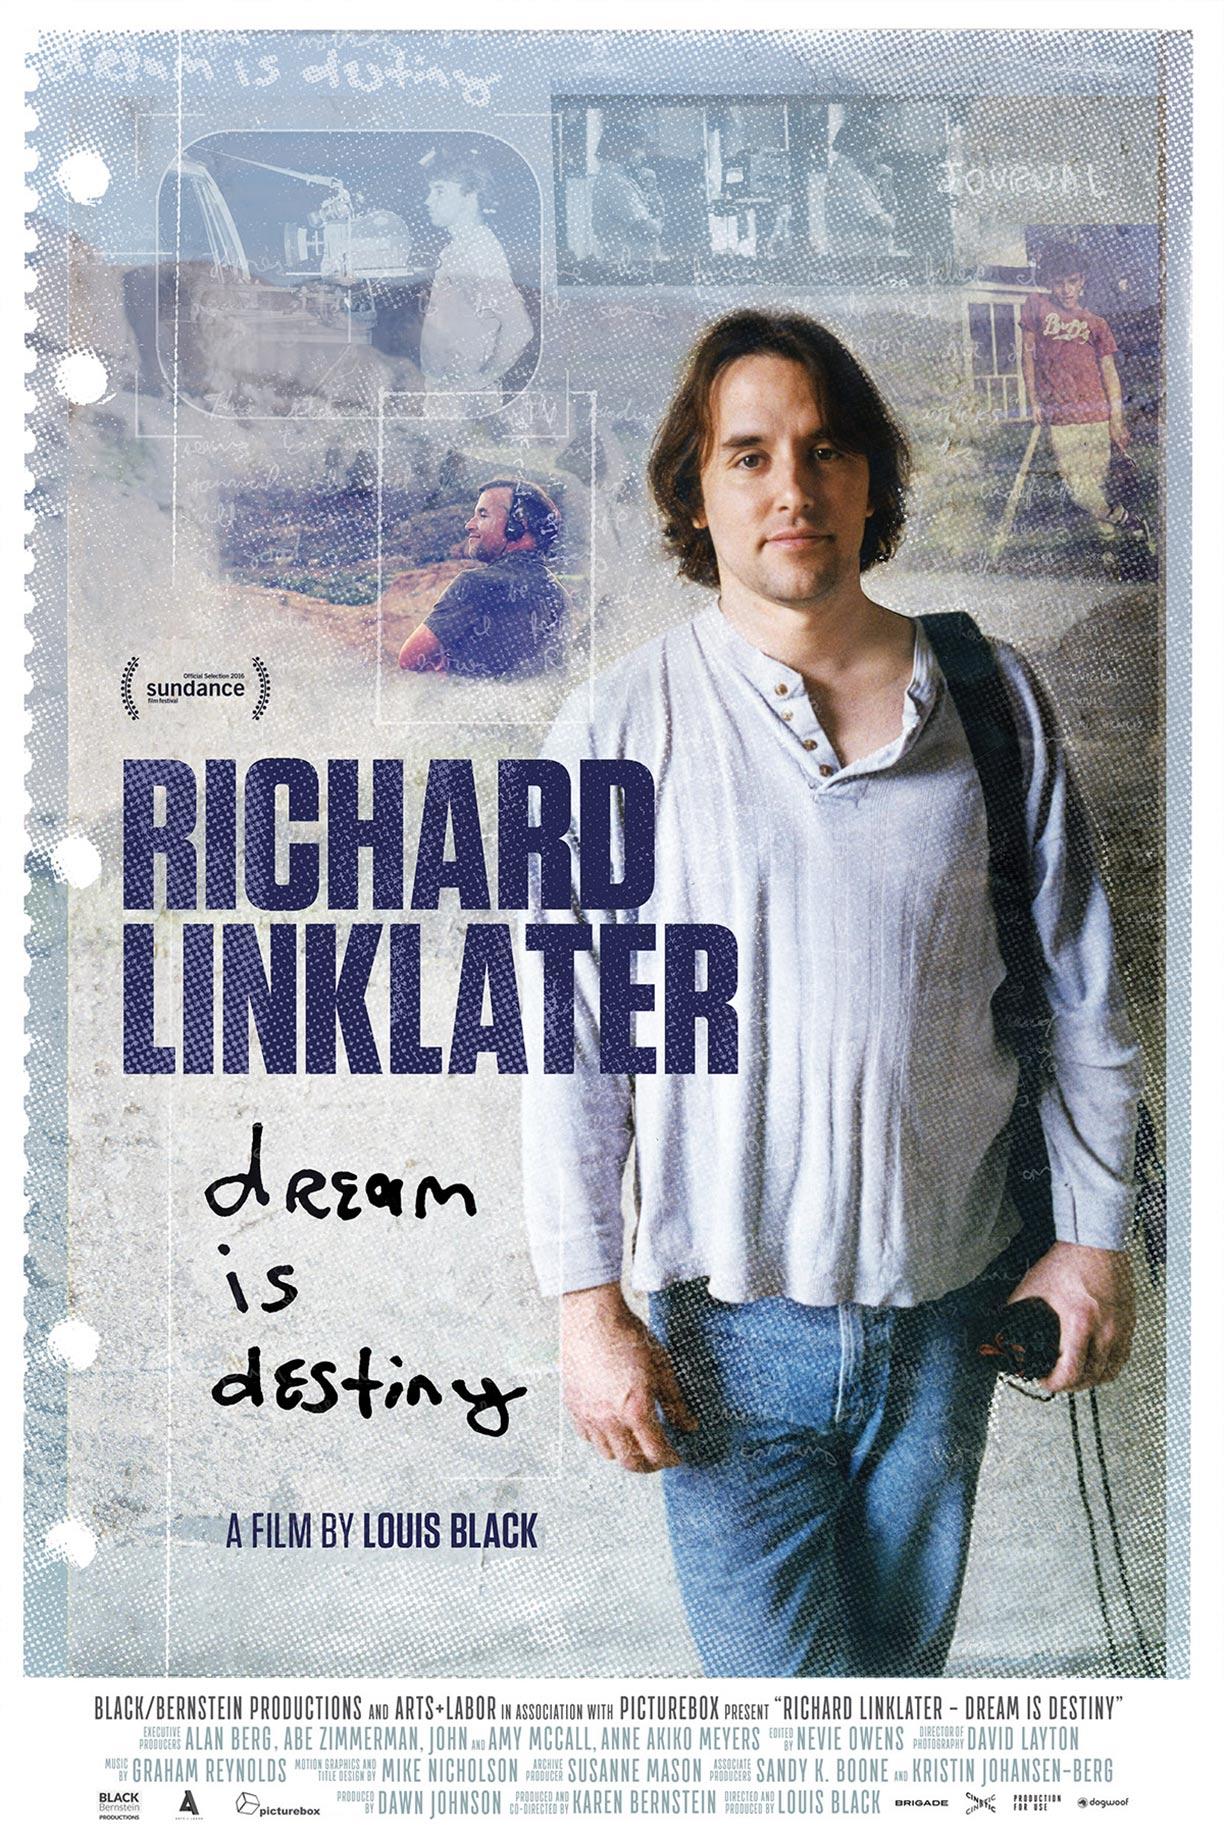 Richard Linklater: Dream Is Destiny Poster #1